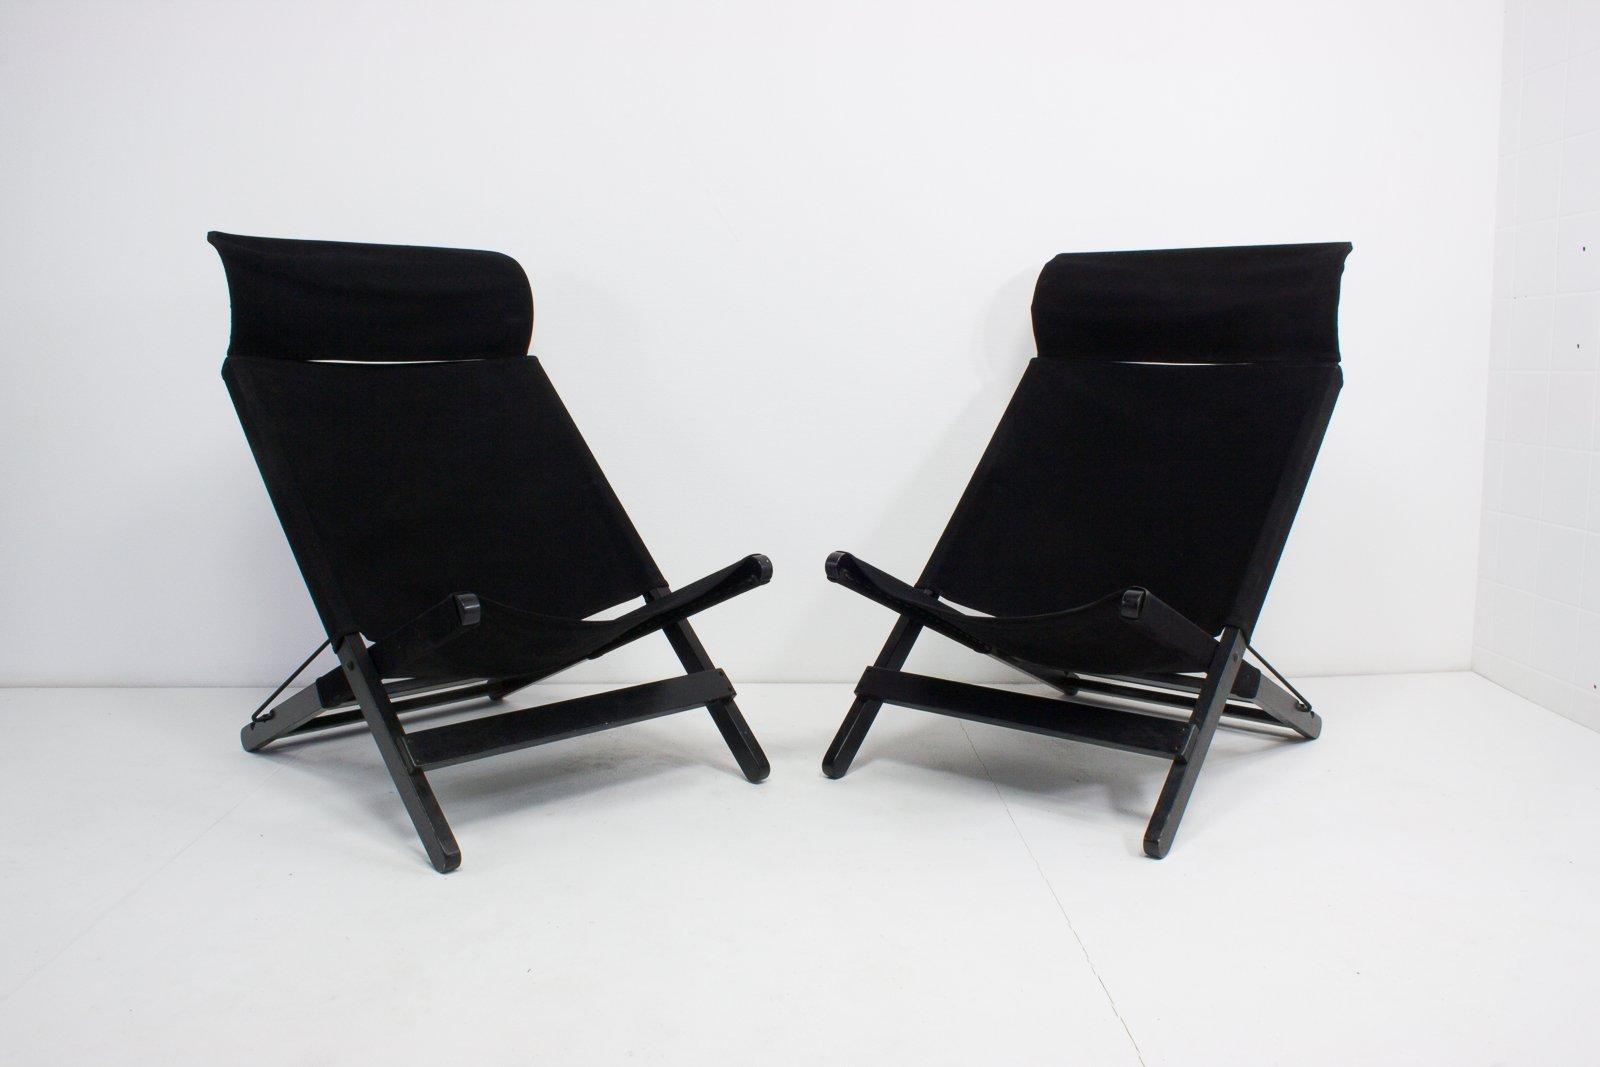 Sillas Plegables Vintage De Lona Negra Juego De 2 En Venta En Pamono - Sillas-de-lona-plegables